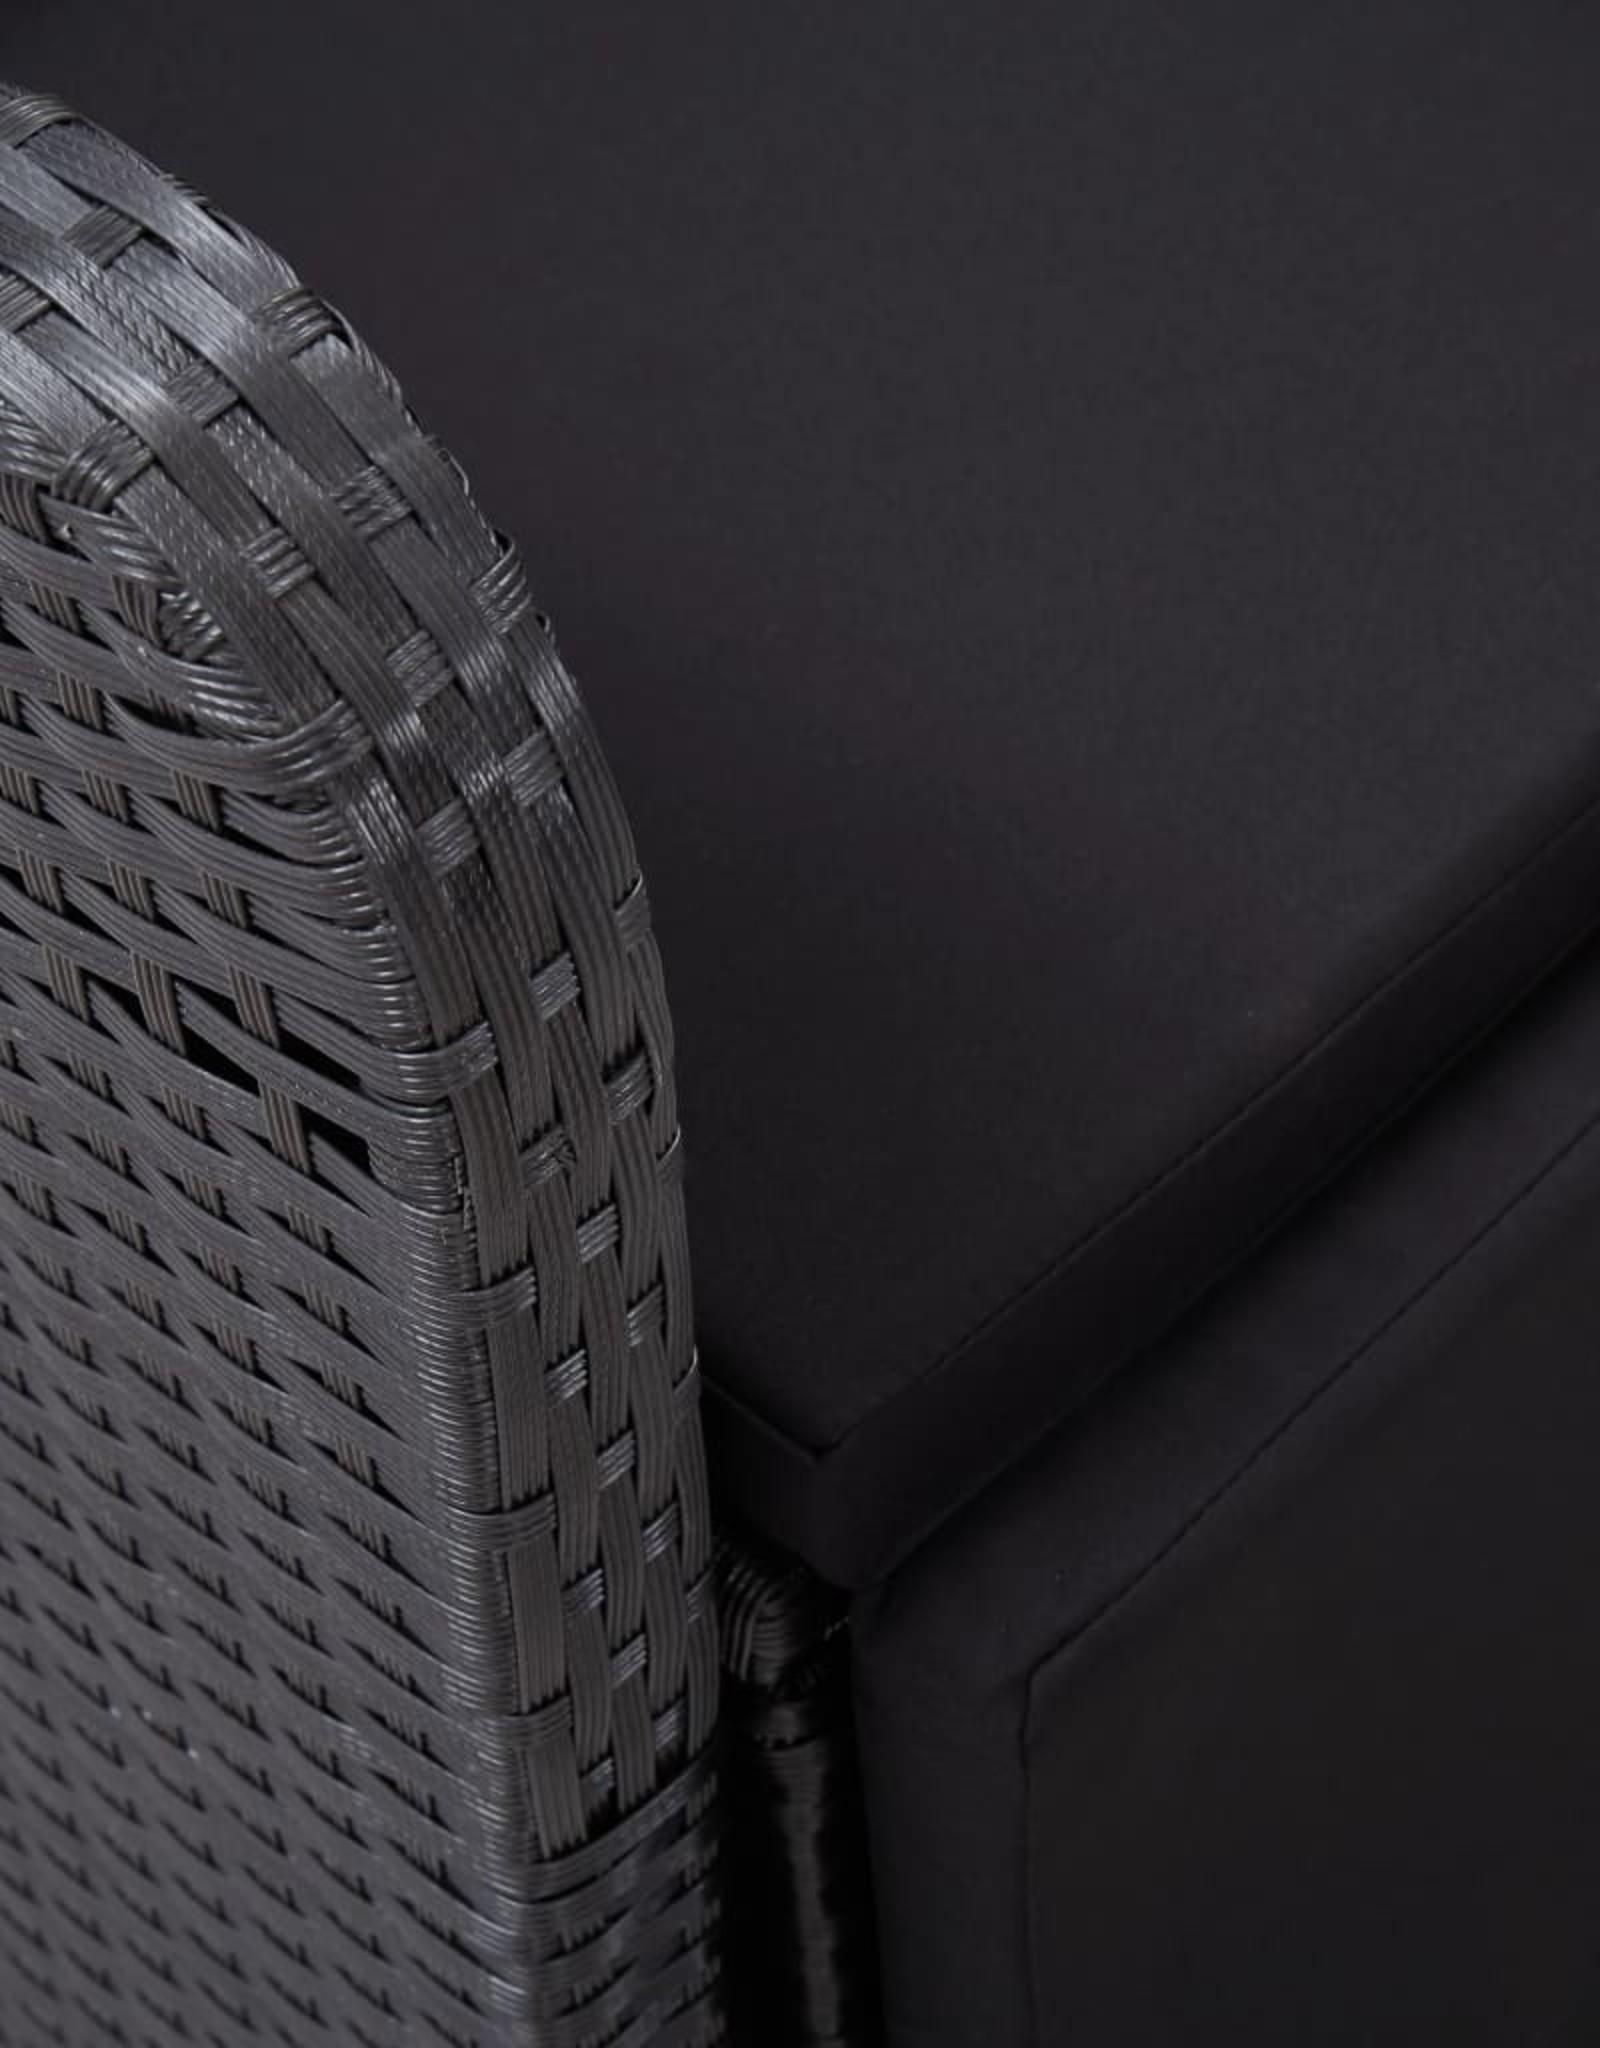 vidaXL 11-delige Tuinset met kussens poly rattan zwart